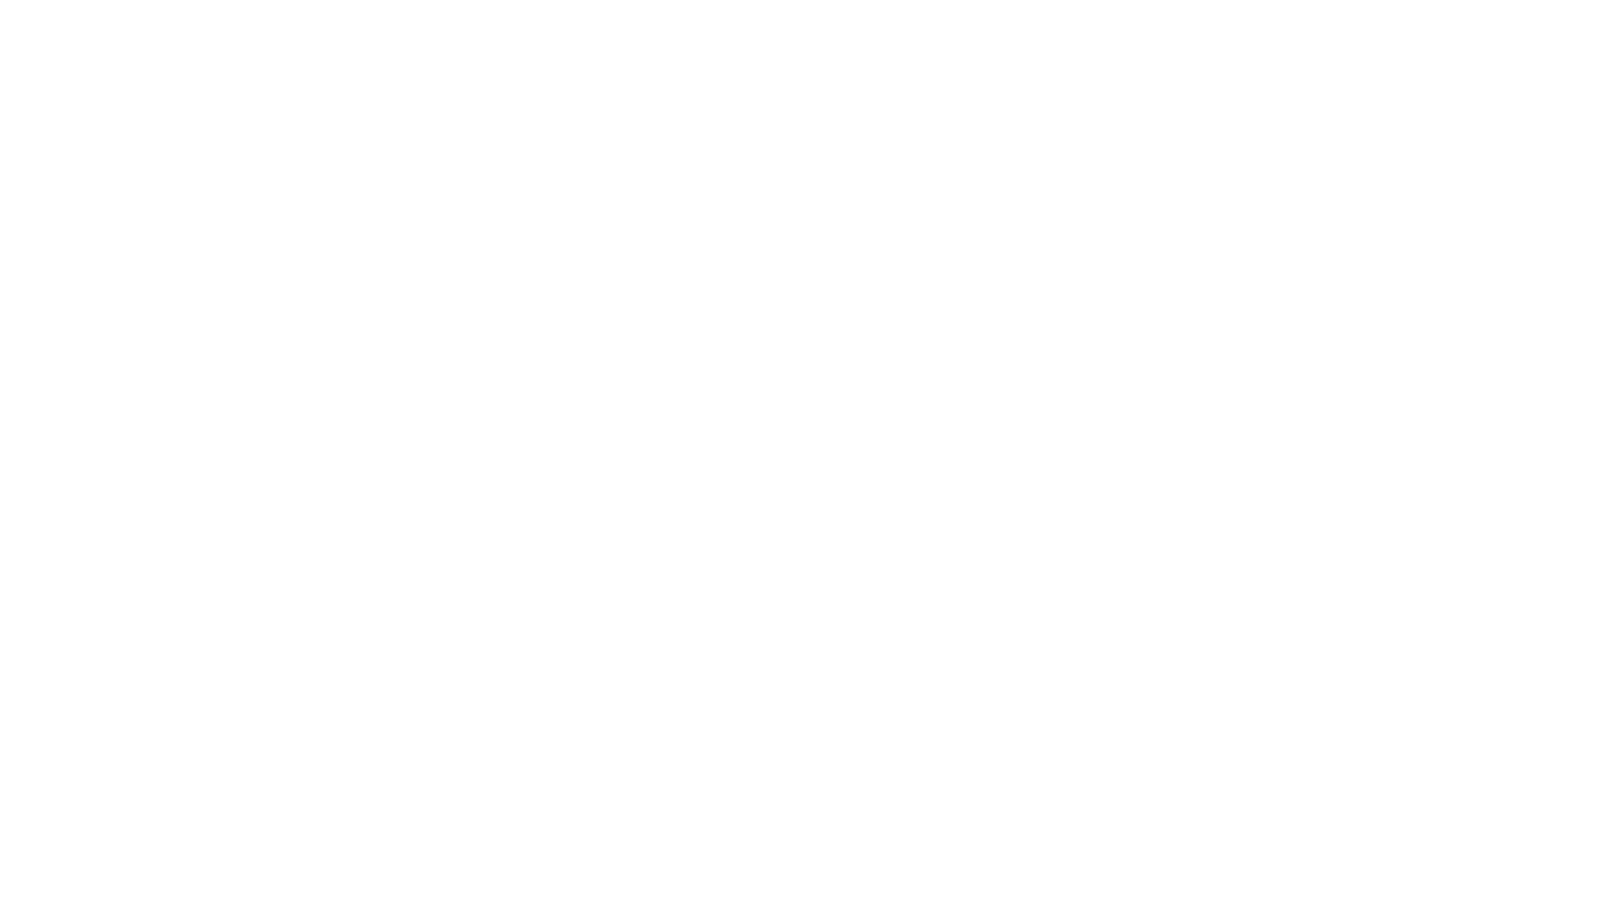 Монтировал светильники под музыку, получилось в духе #adelechallange ==================================================== Подпишись на мой канал (Петр Колмаков): https://www.youtube.com/channel/UChDVXTFU15xqUFAsbB-PGQg , чтобы первым увидеть новые выпуски. На моем канале я выкладываю обзоры выполненных мной ремонтов, советы как сделать дом удобным и безопасным, лайфхаки по ремонту. Со мной можно связаться:  Тел. 8-960-776-4292  сайт: http://19master.ru/  e-mail: kolm.petr@gmail.com vk: https://vk.com/kolmakov_p  группа vk: https://vk.com/19maste_r